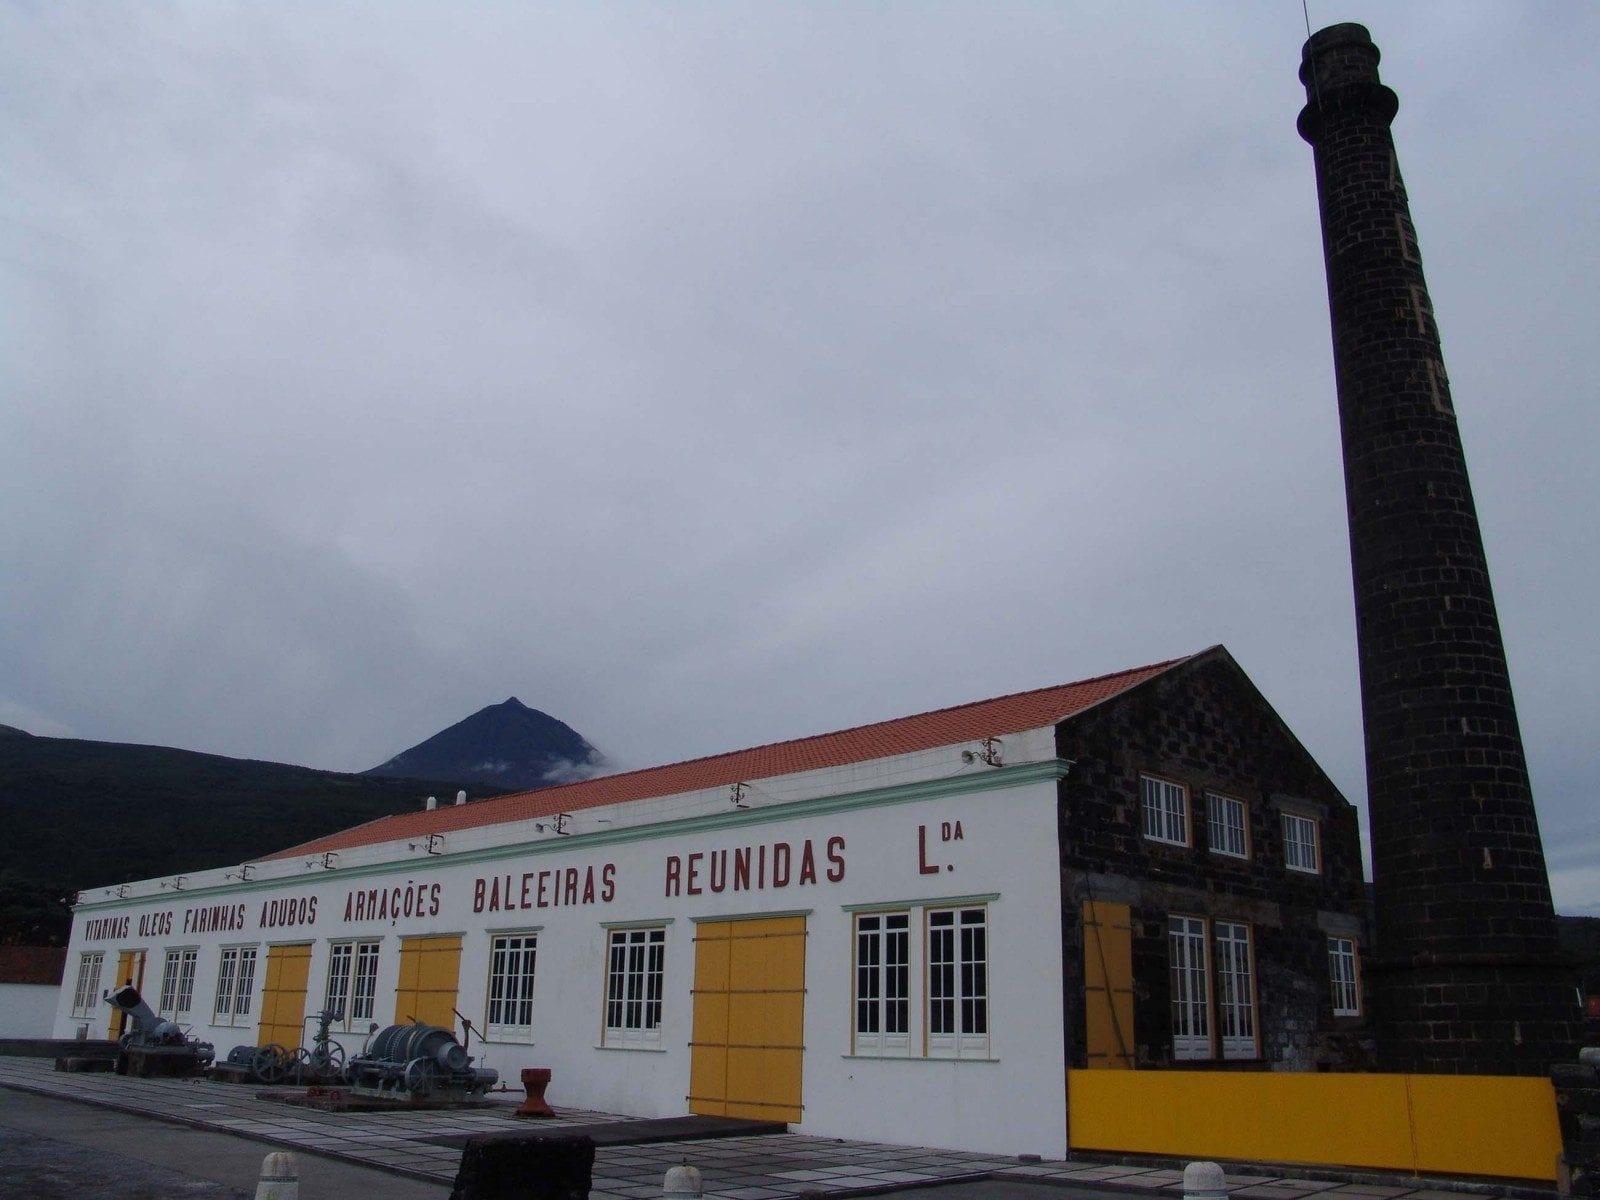 Museu da Indústria Baleeira - São Roque do Pico, Ilha do Pico - Açores